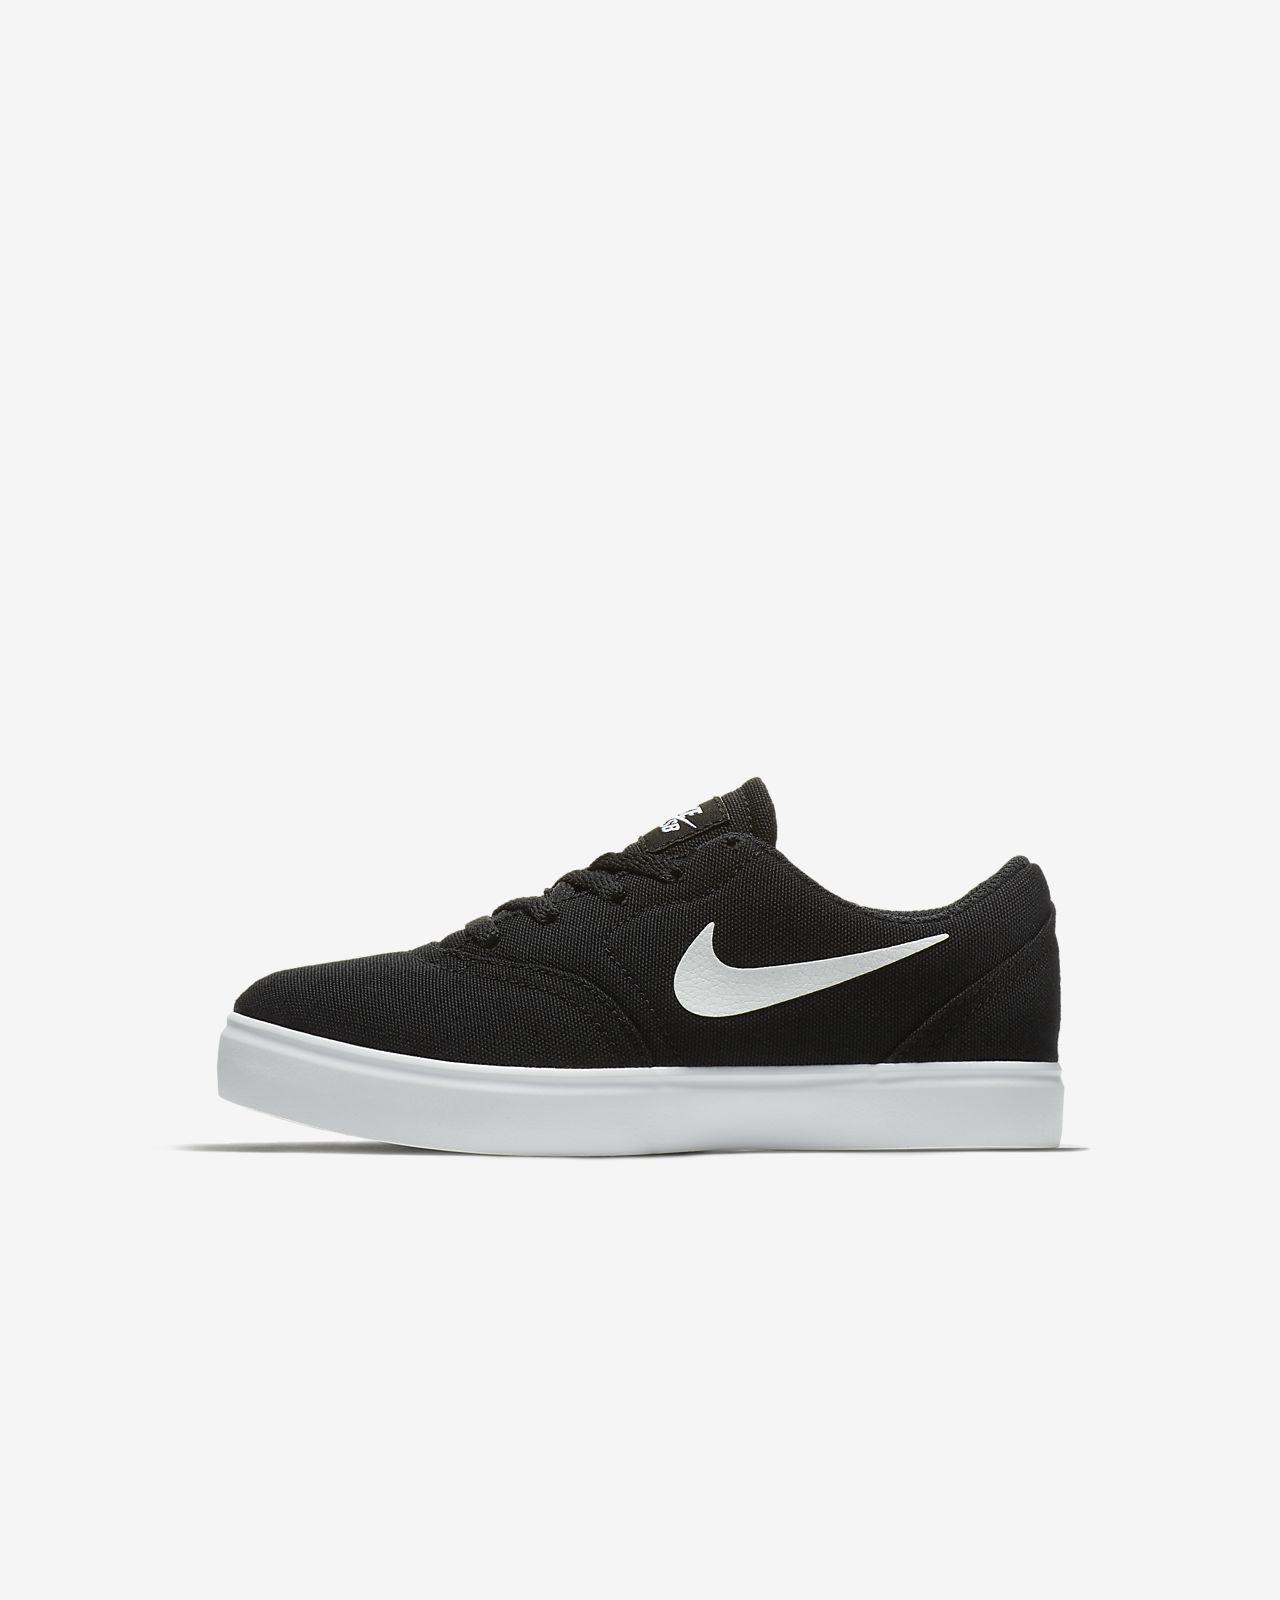 Nike SB Check Canvas Schuh für jüngere Kinder